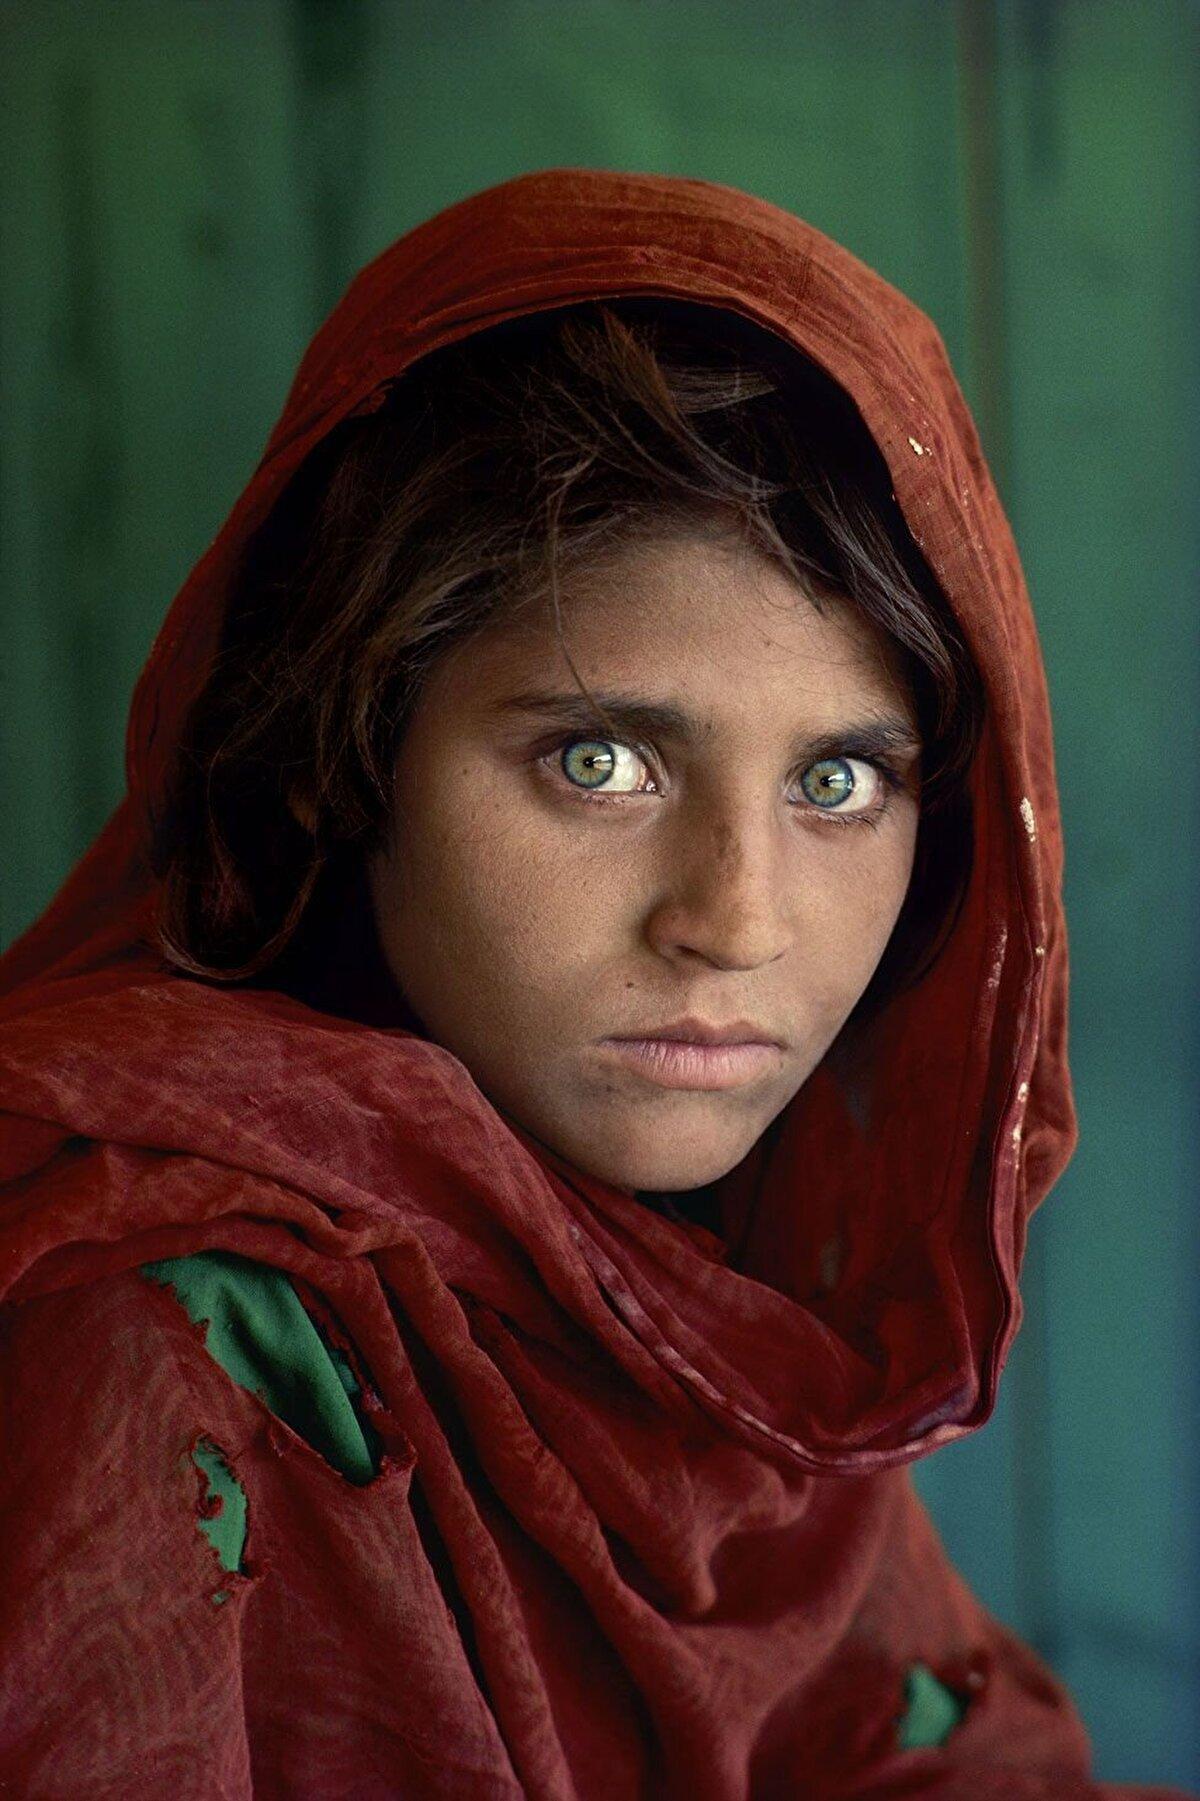 National Geographic dergisinde1985 yılında kapak olduktan sonra geniş kitlelerce tanınan Peştun kökenli Afgan kızı Şarbat Gula.